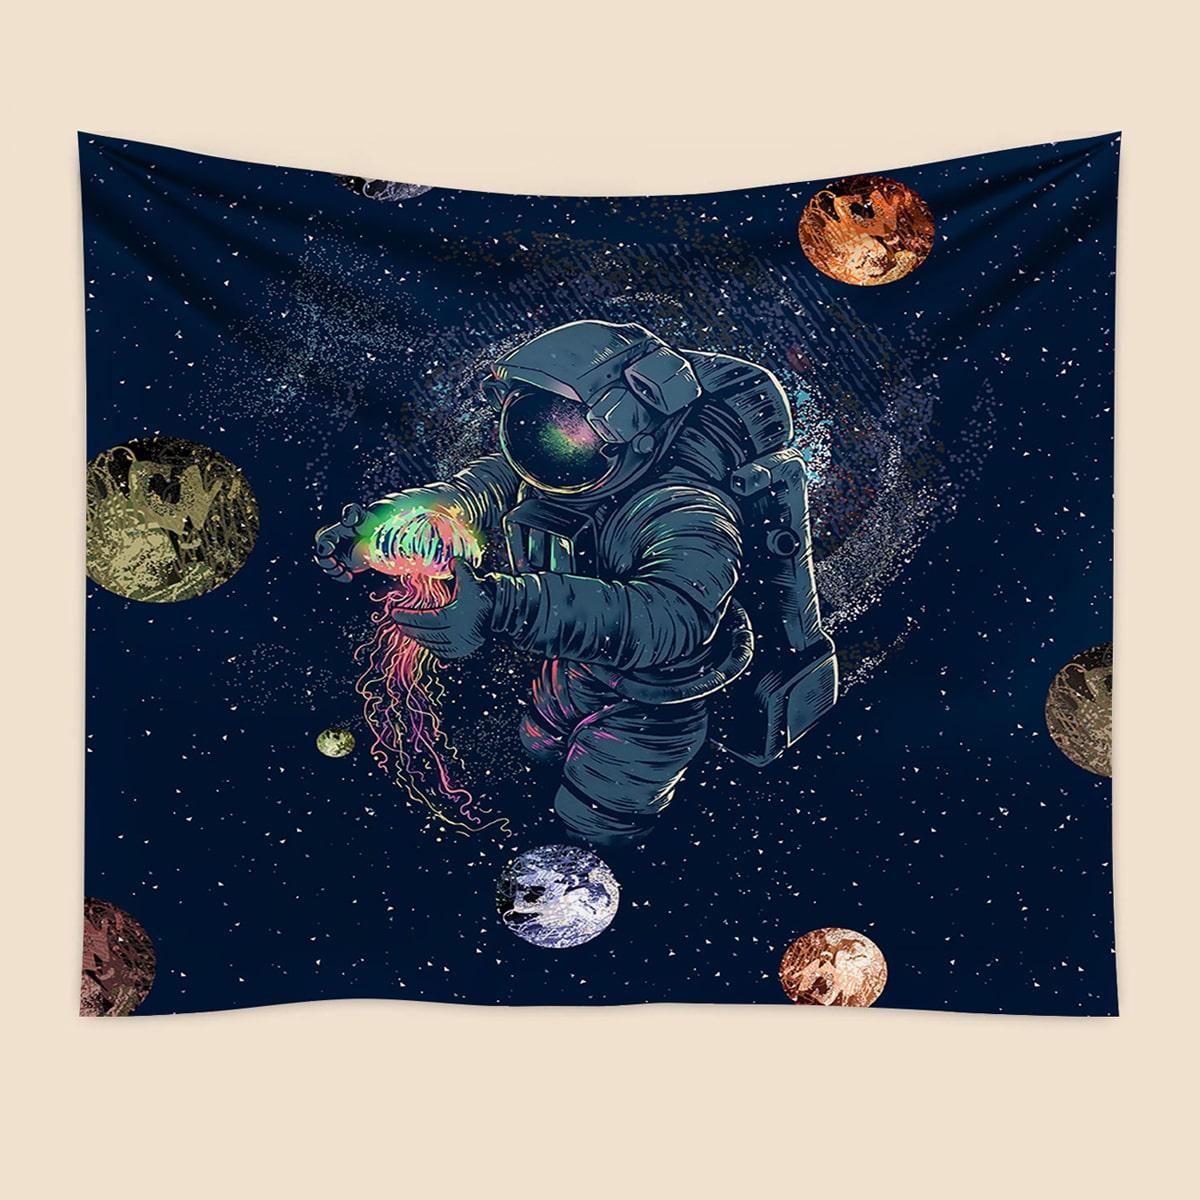 Teppich mit Astronaut Muster